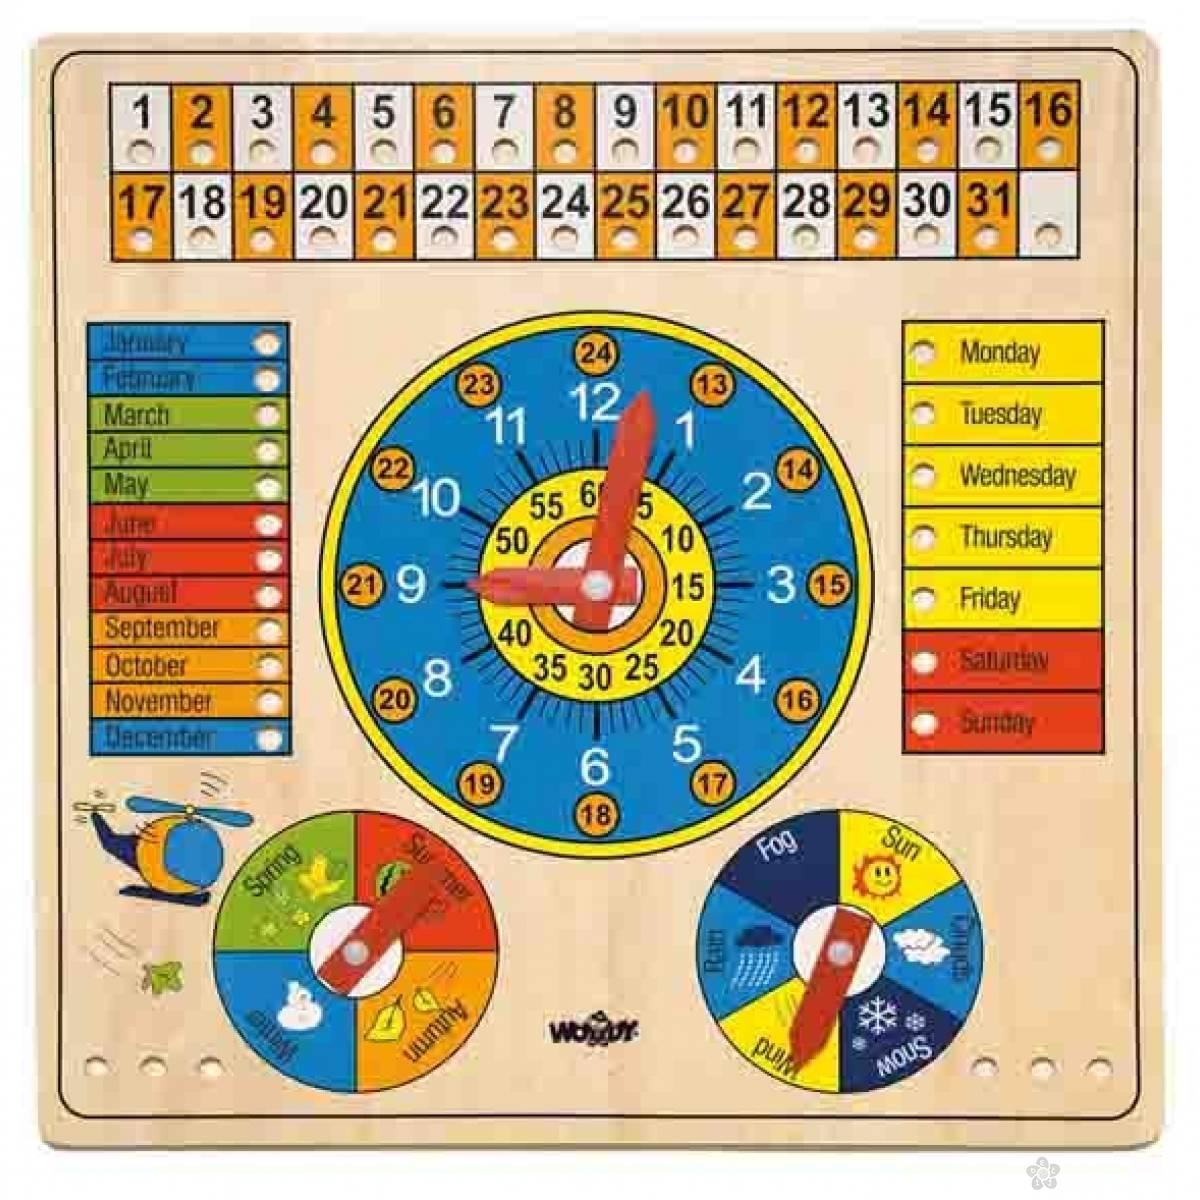 Drveni kalendar, sat, godisnja doba, dani u sedmici 90659